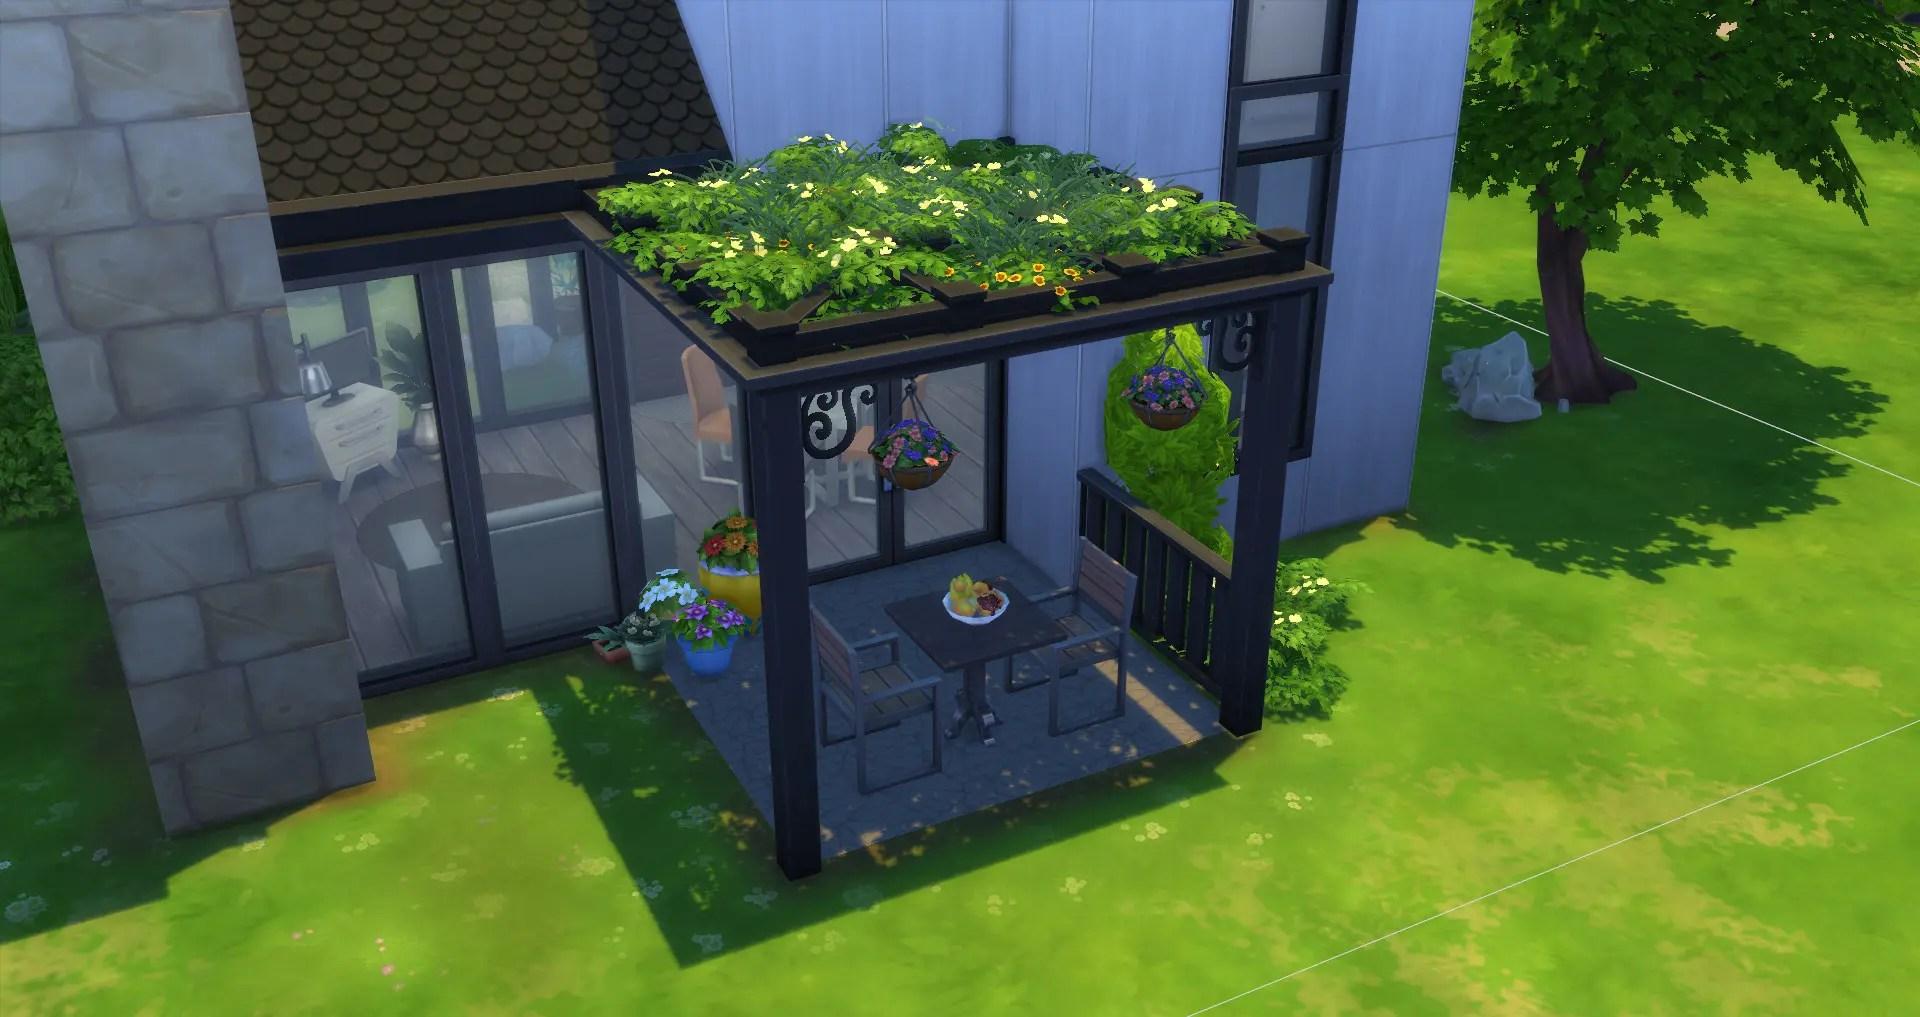 Creer Une Pergola Tutoriel Les Sims 4 Fezet